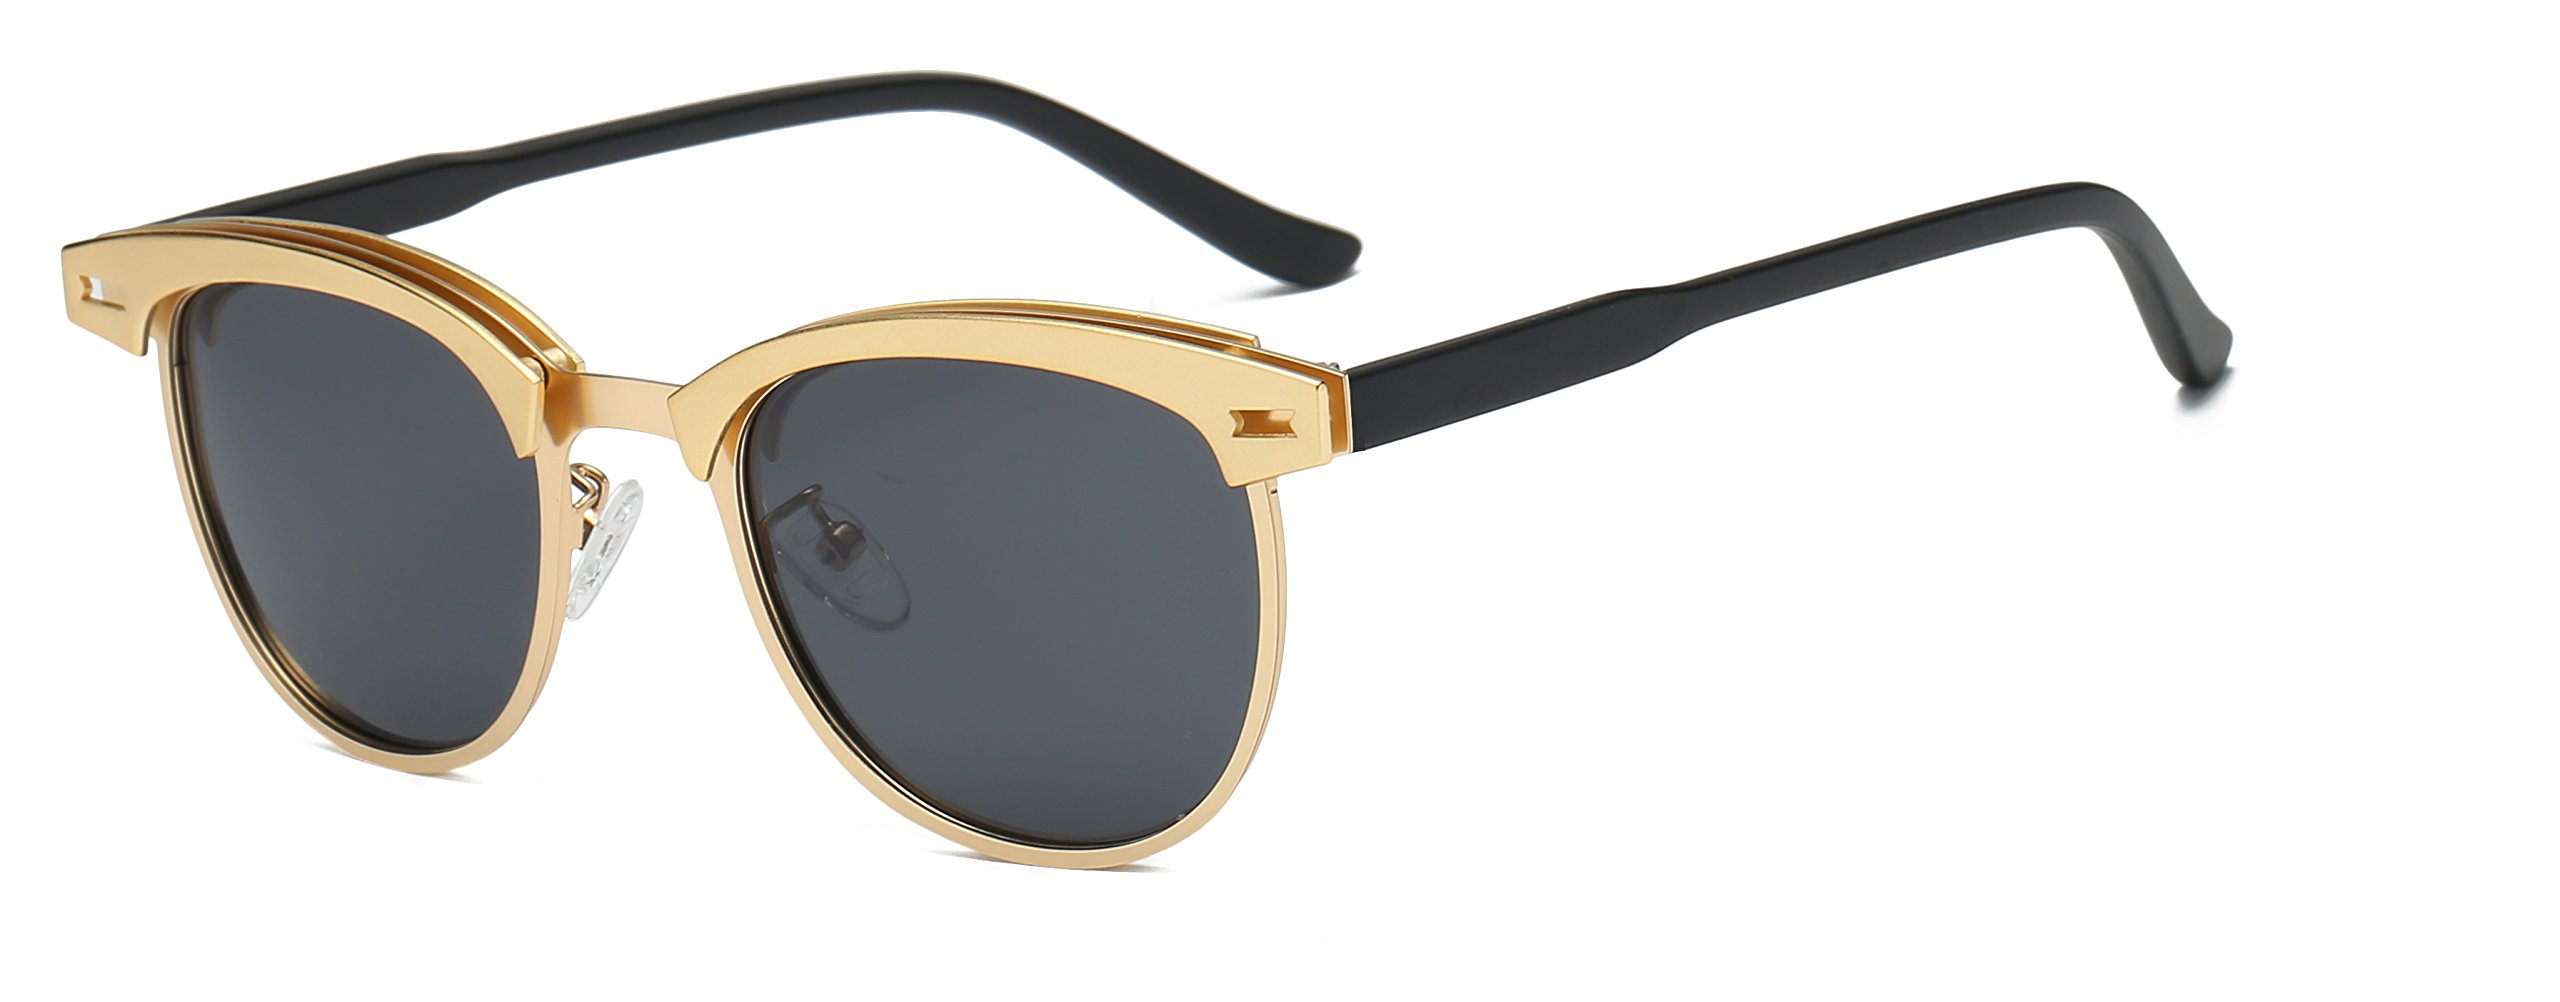 Classic Semi Rimless Polarized Sunglasses Women Men Retro Brand Sun Glasses 0911C2